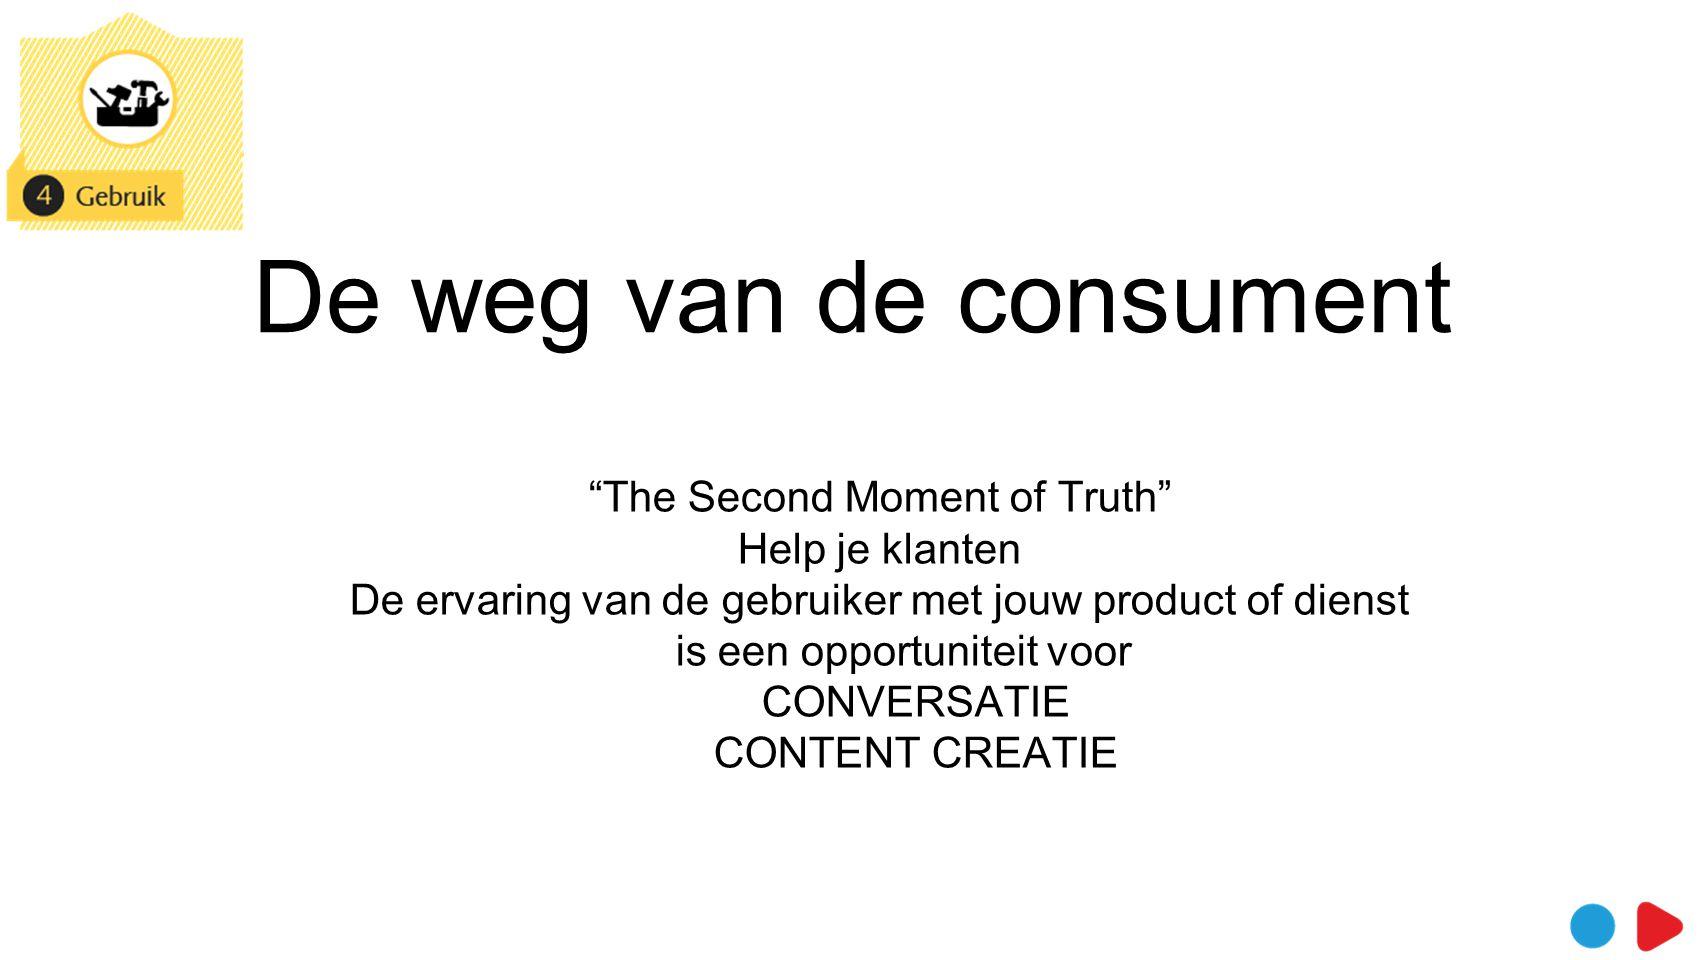 De weg van de consument The Second Moment of Truth Help je klanten De ervaring van de gebruiker met jouw product of dienst is een opportuniteit voor CONVERSATIE CONTENT CREATIE